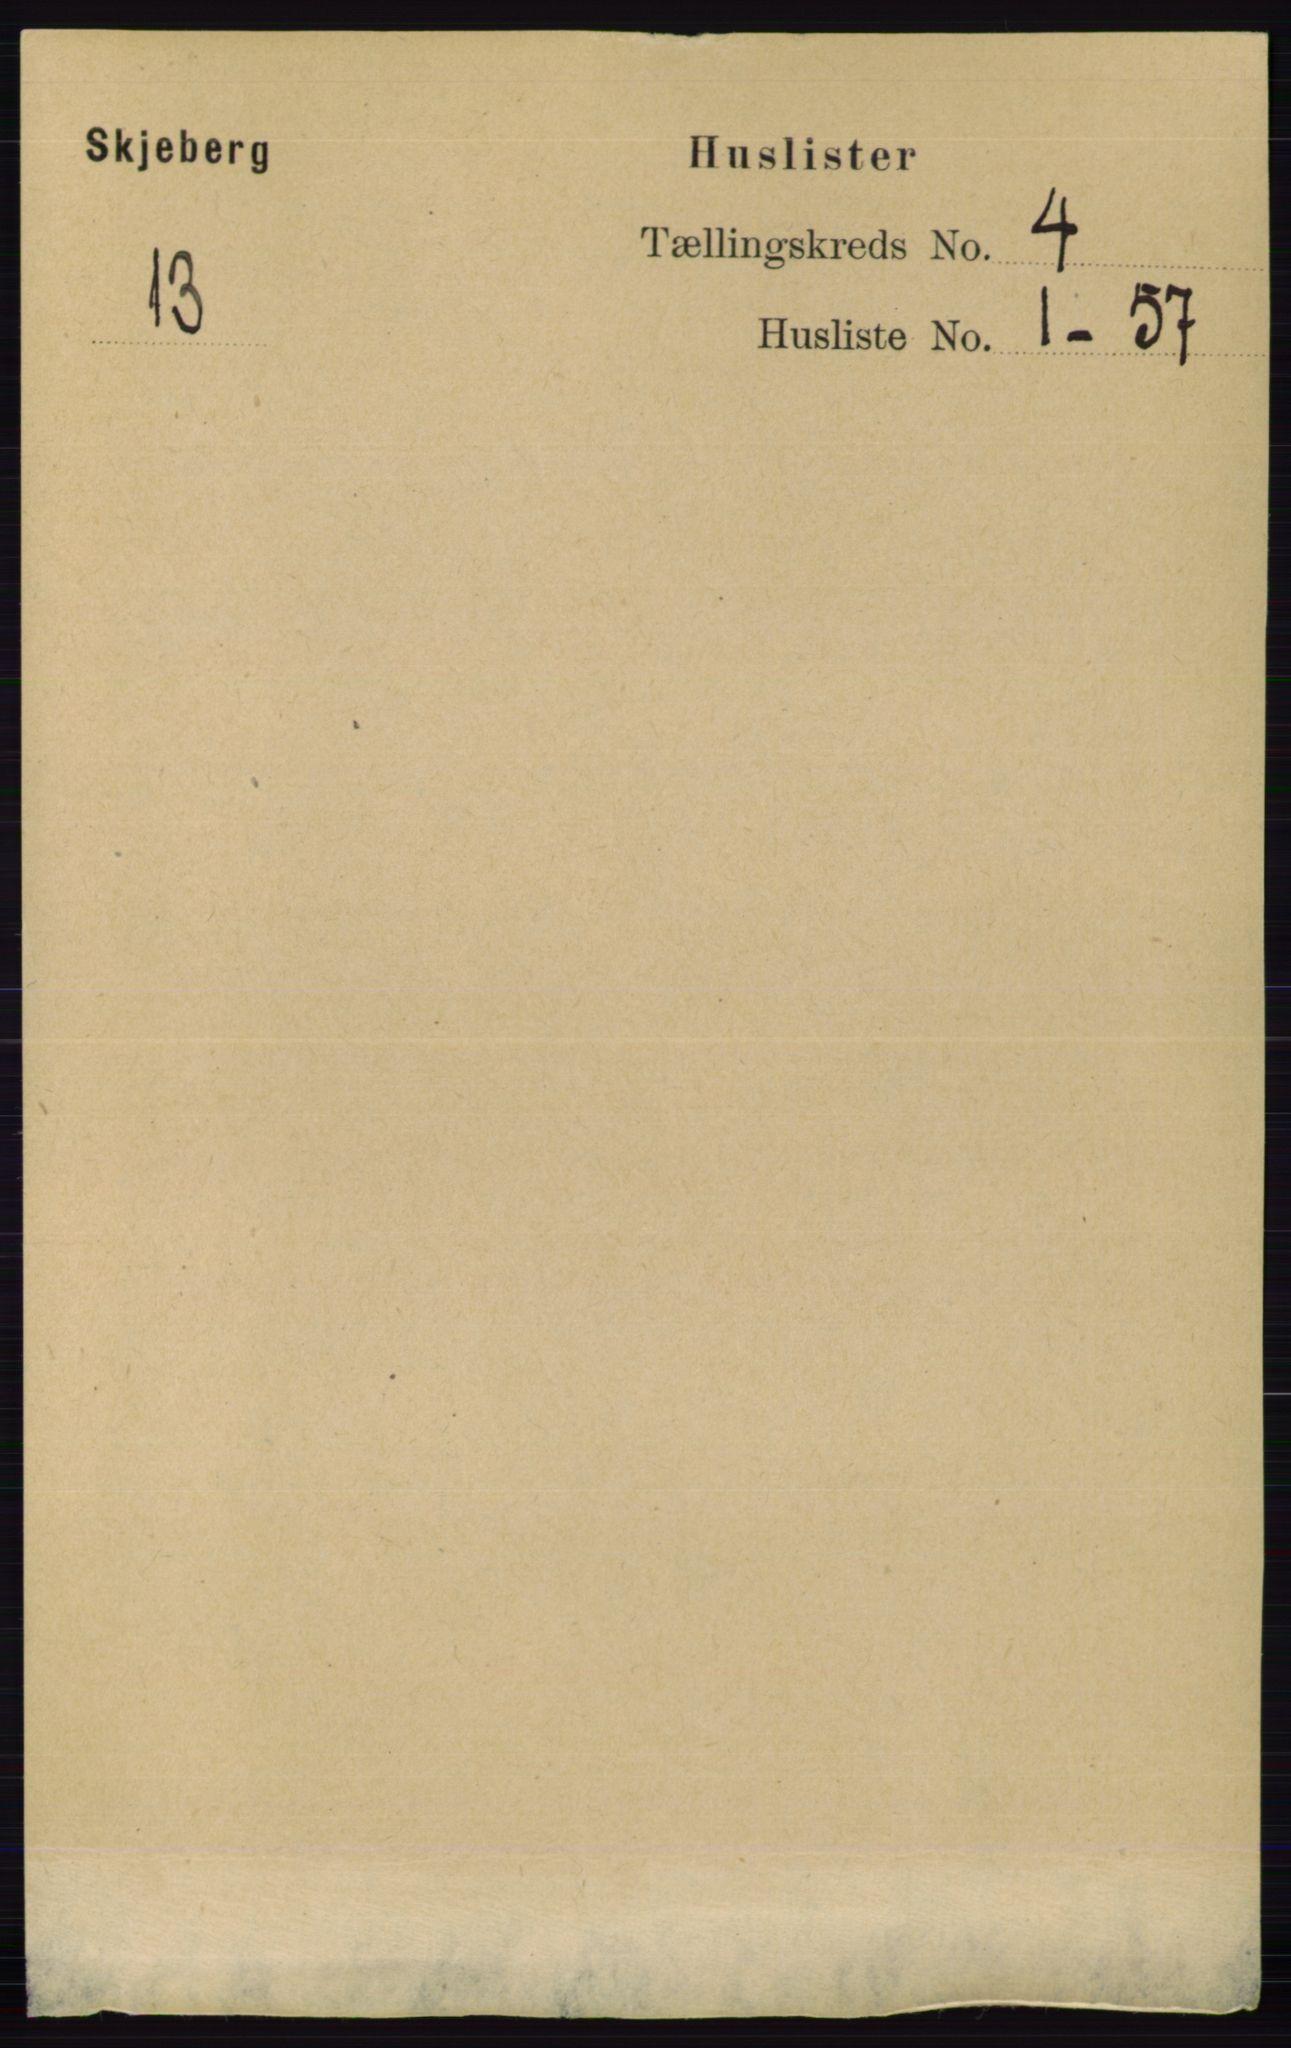 RA, Folketelling 1891 for 0115 Skjeberg herred, 1891, s. 1804